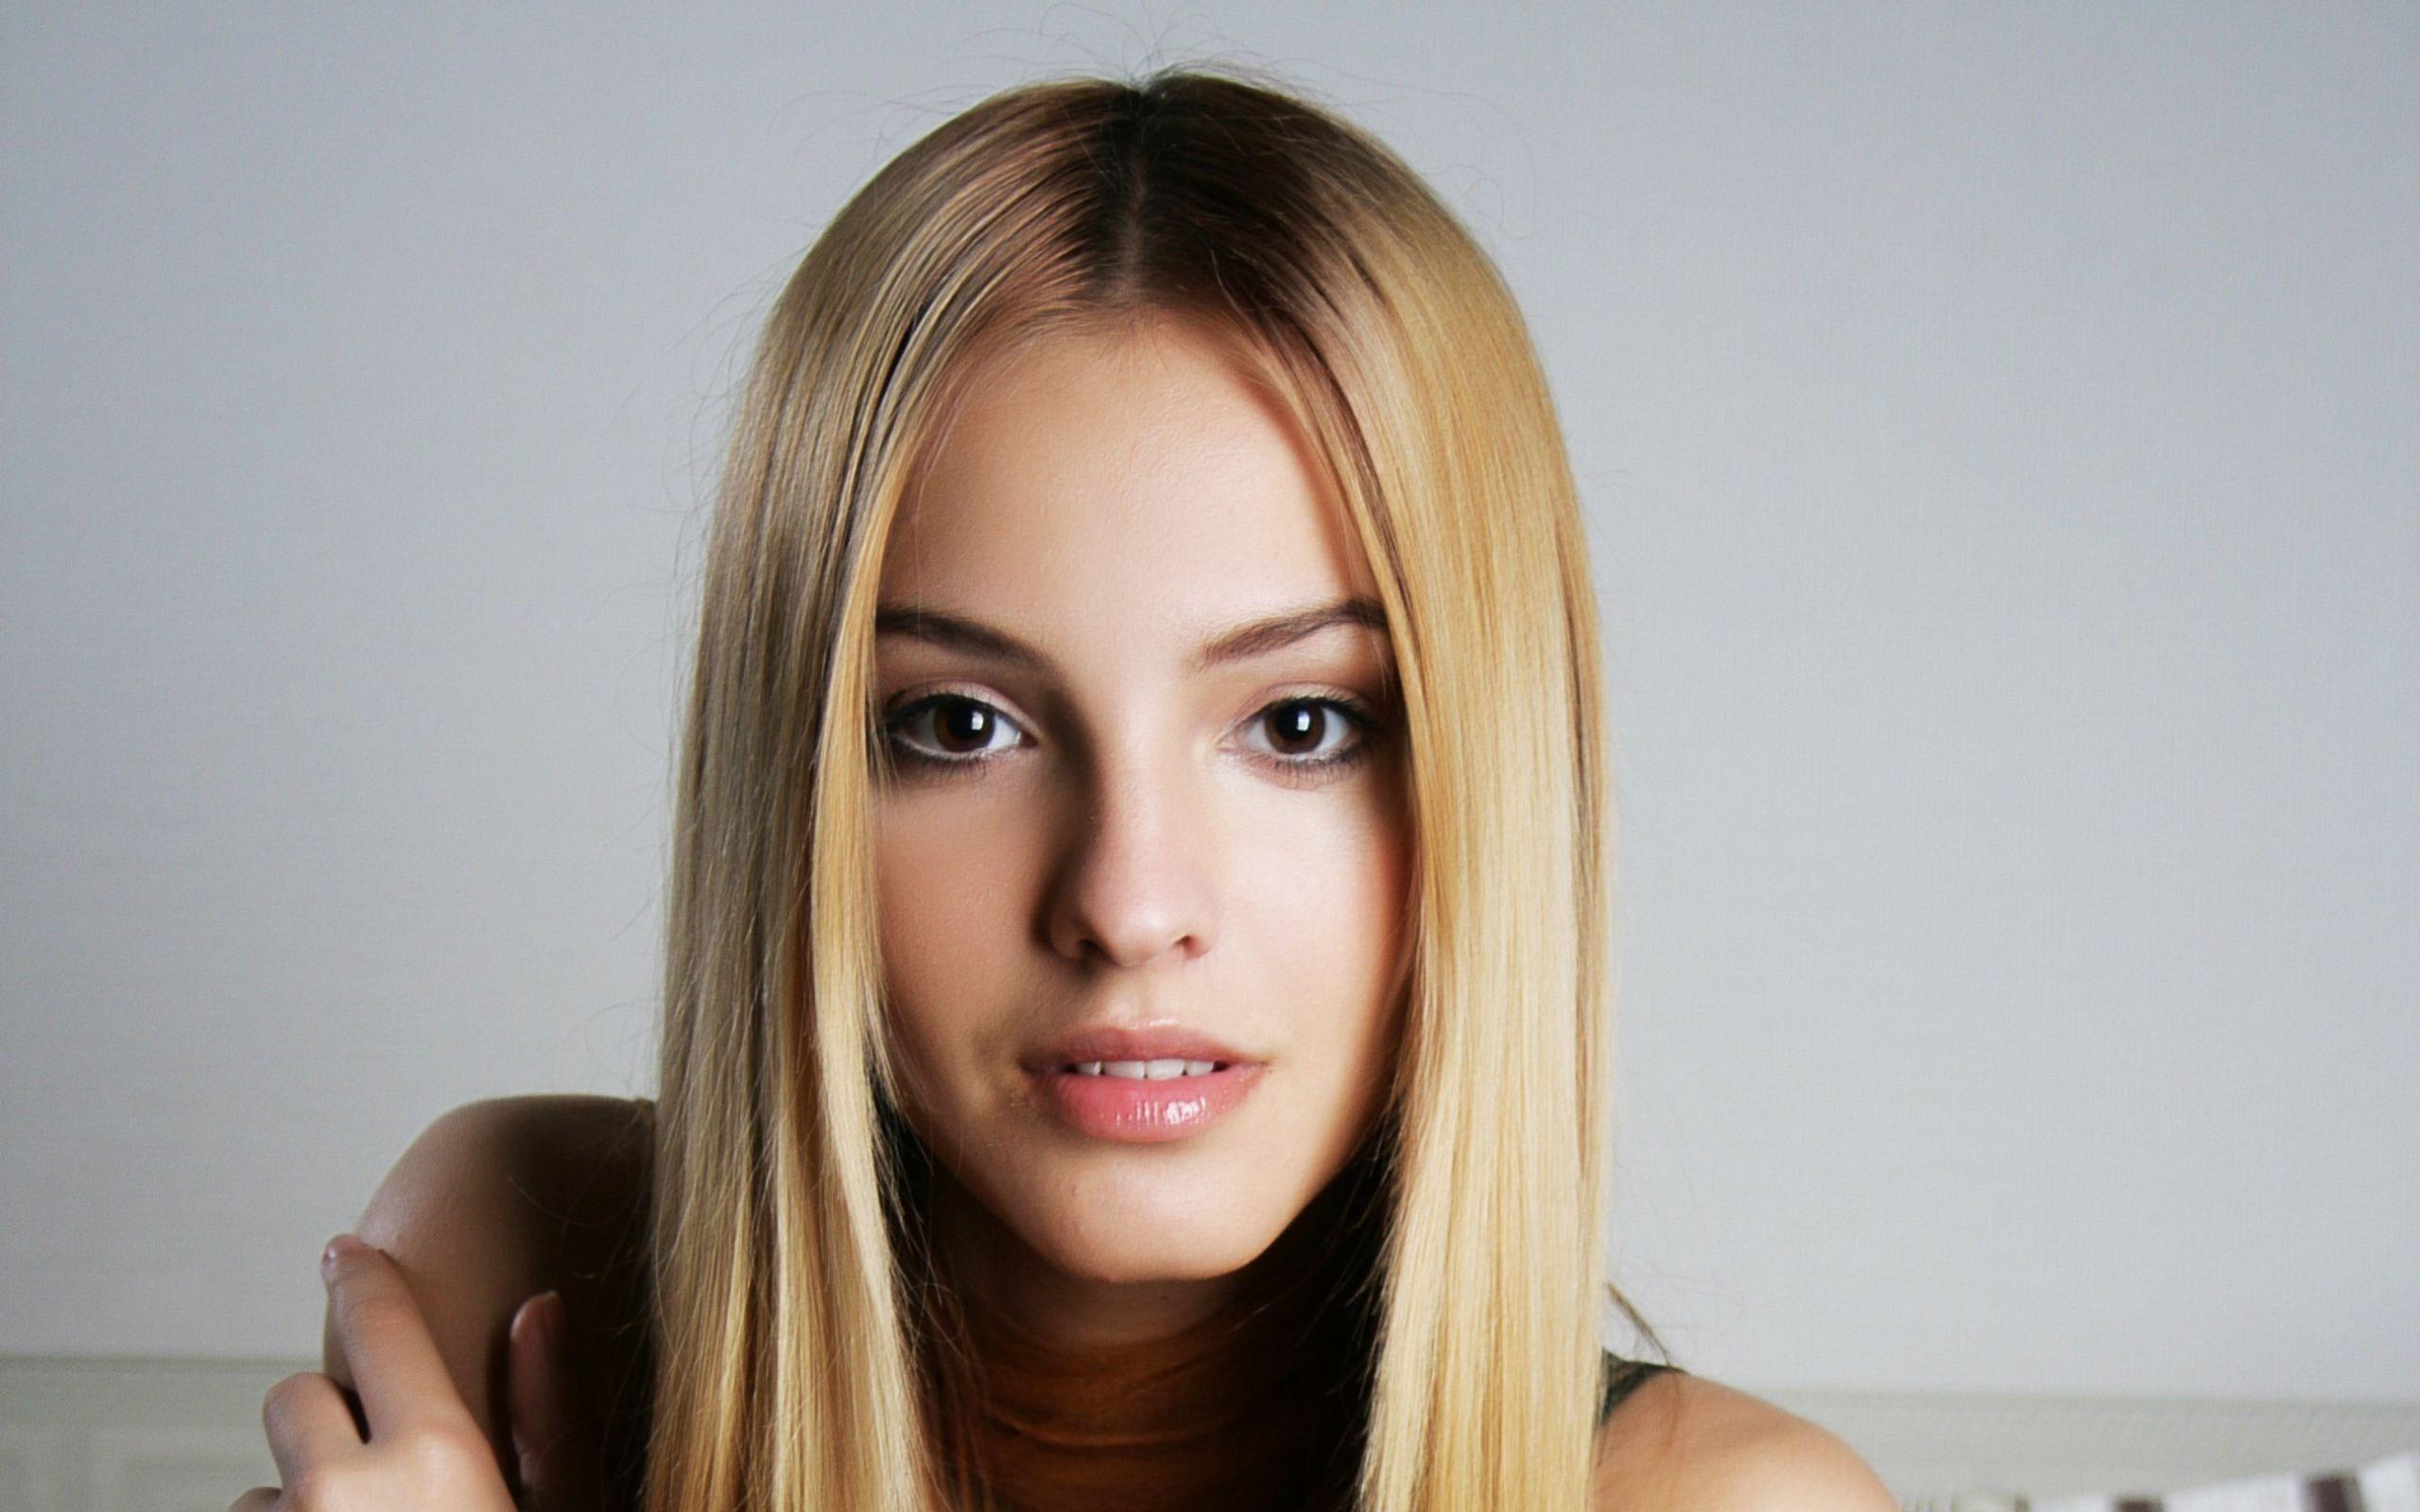 Rich pretty girl